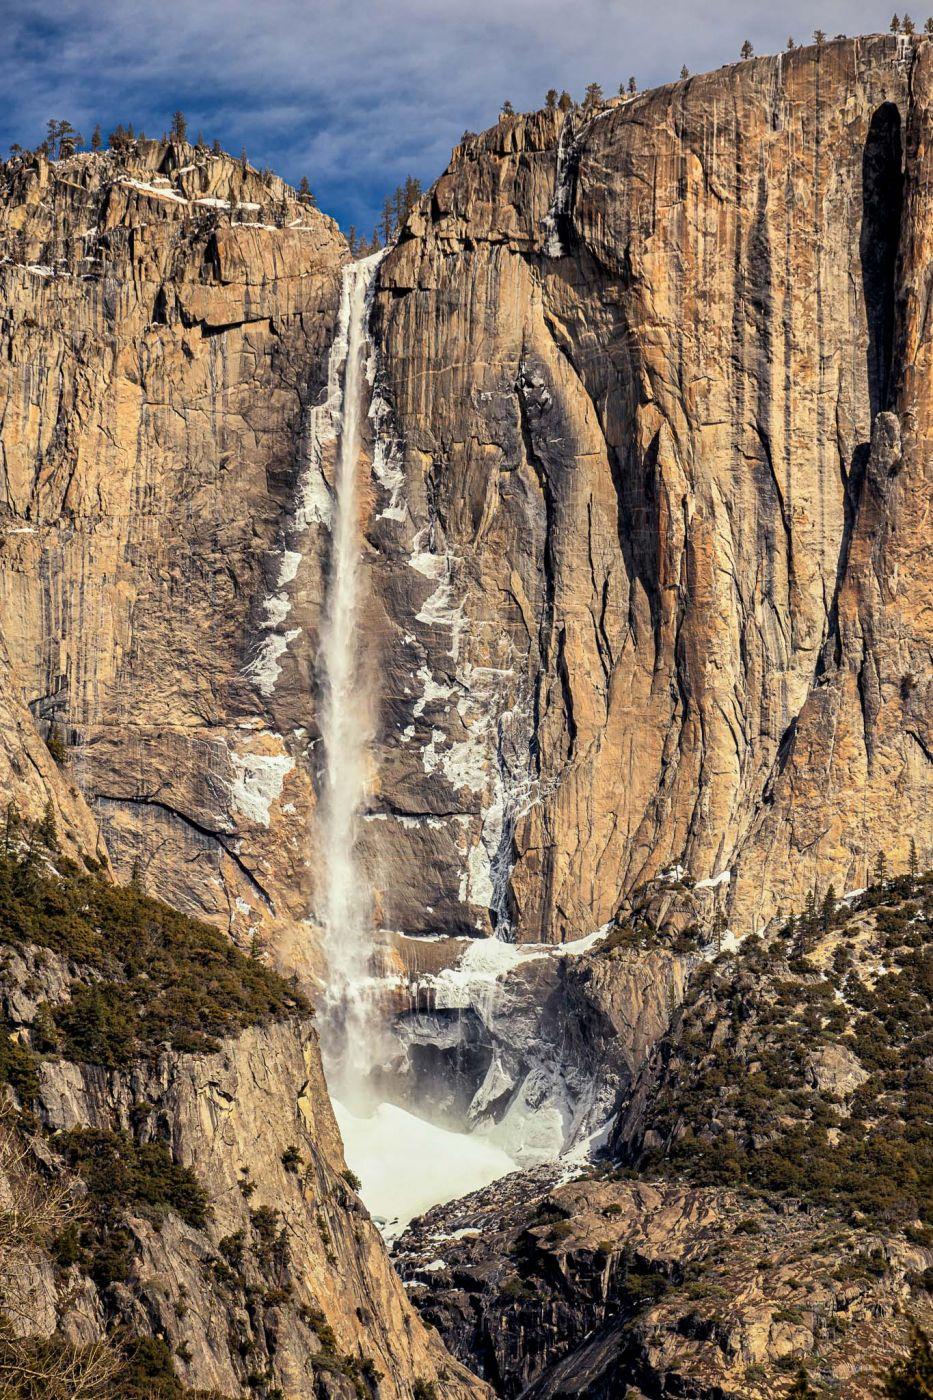 Yosemite Fall view, USA